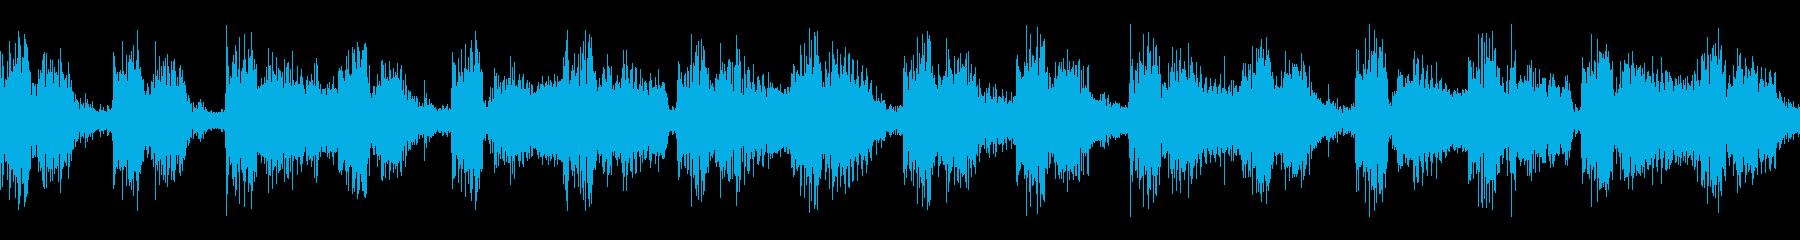 EDM,パーティ、イベント、ループ1の再生済みの波形